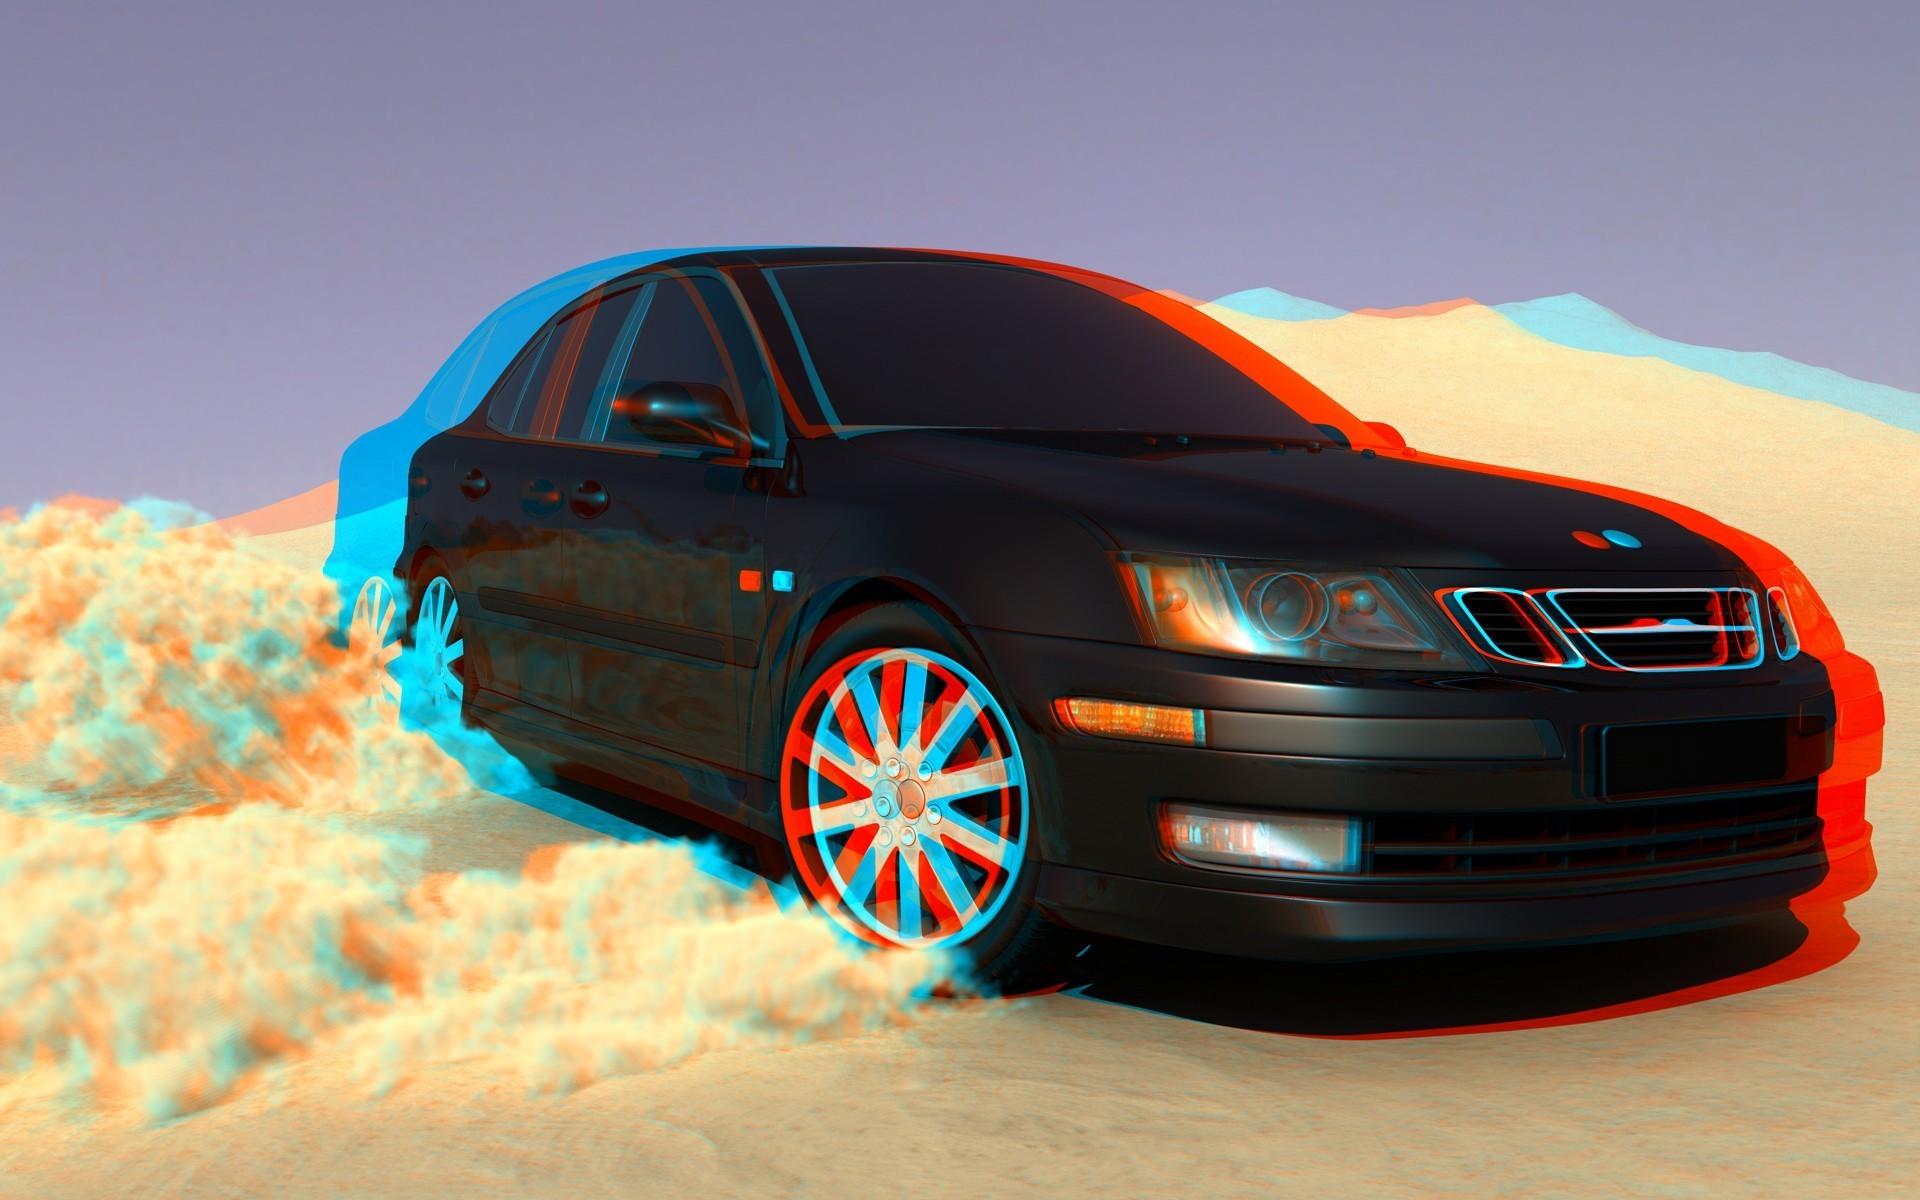 Drift Car Wallpaper (74+ images)